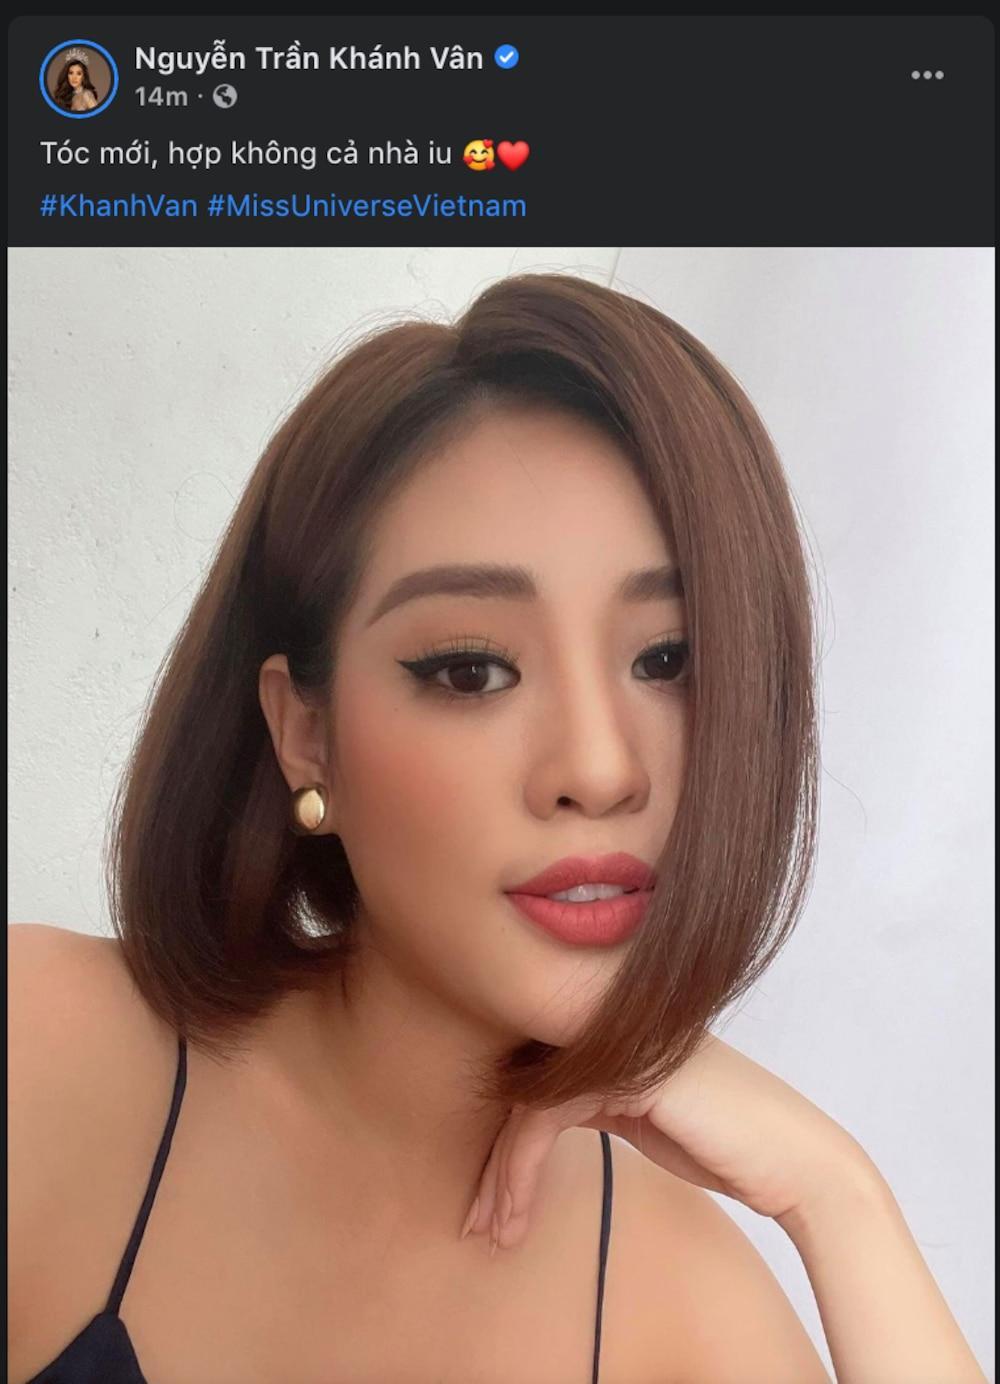 Khánh Vân bất ngờ cắt tóc ngắn, fan khen ngợi nhưng tiếc style mái dài phù hợp thi Miss Universe 0